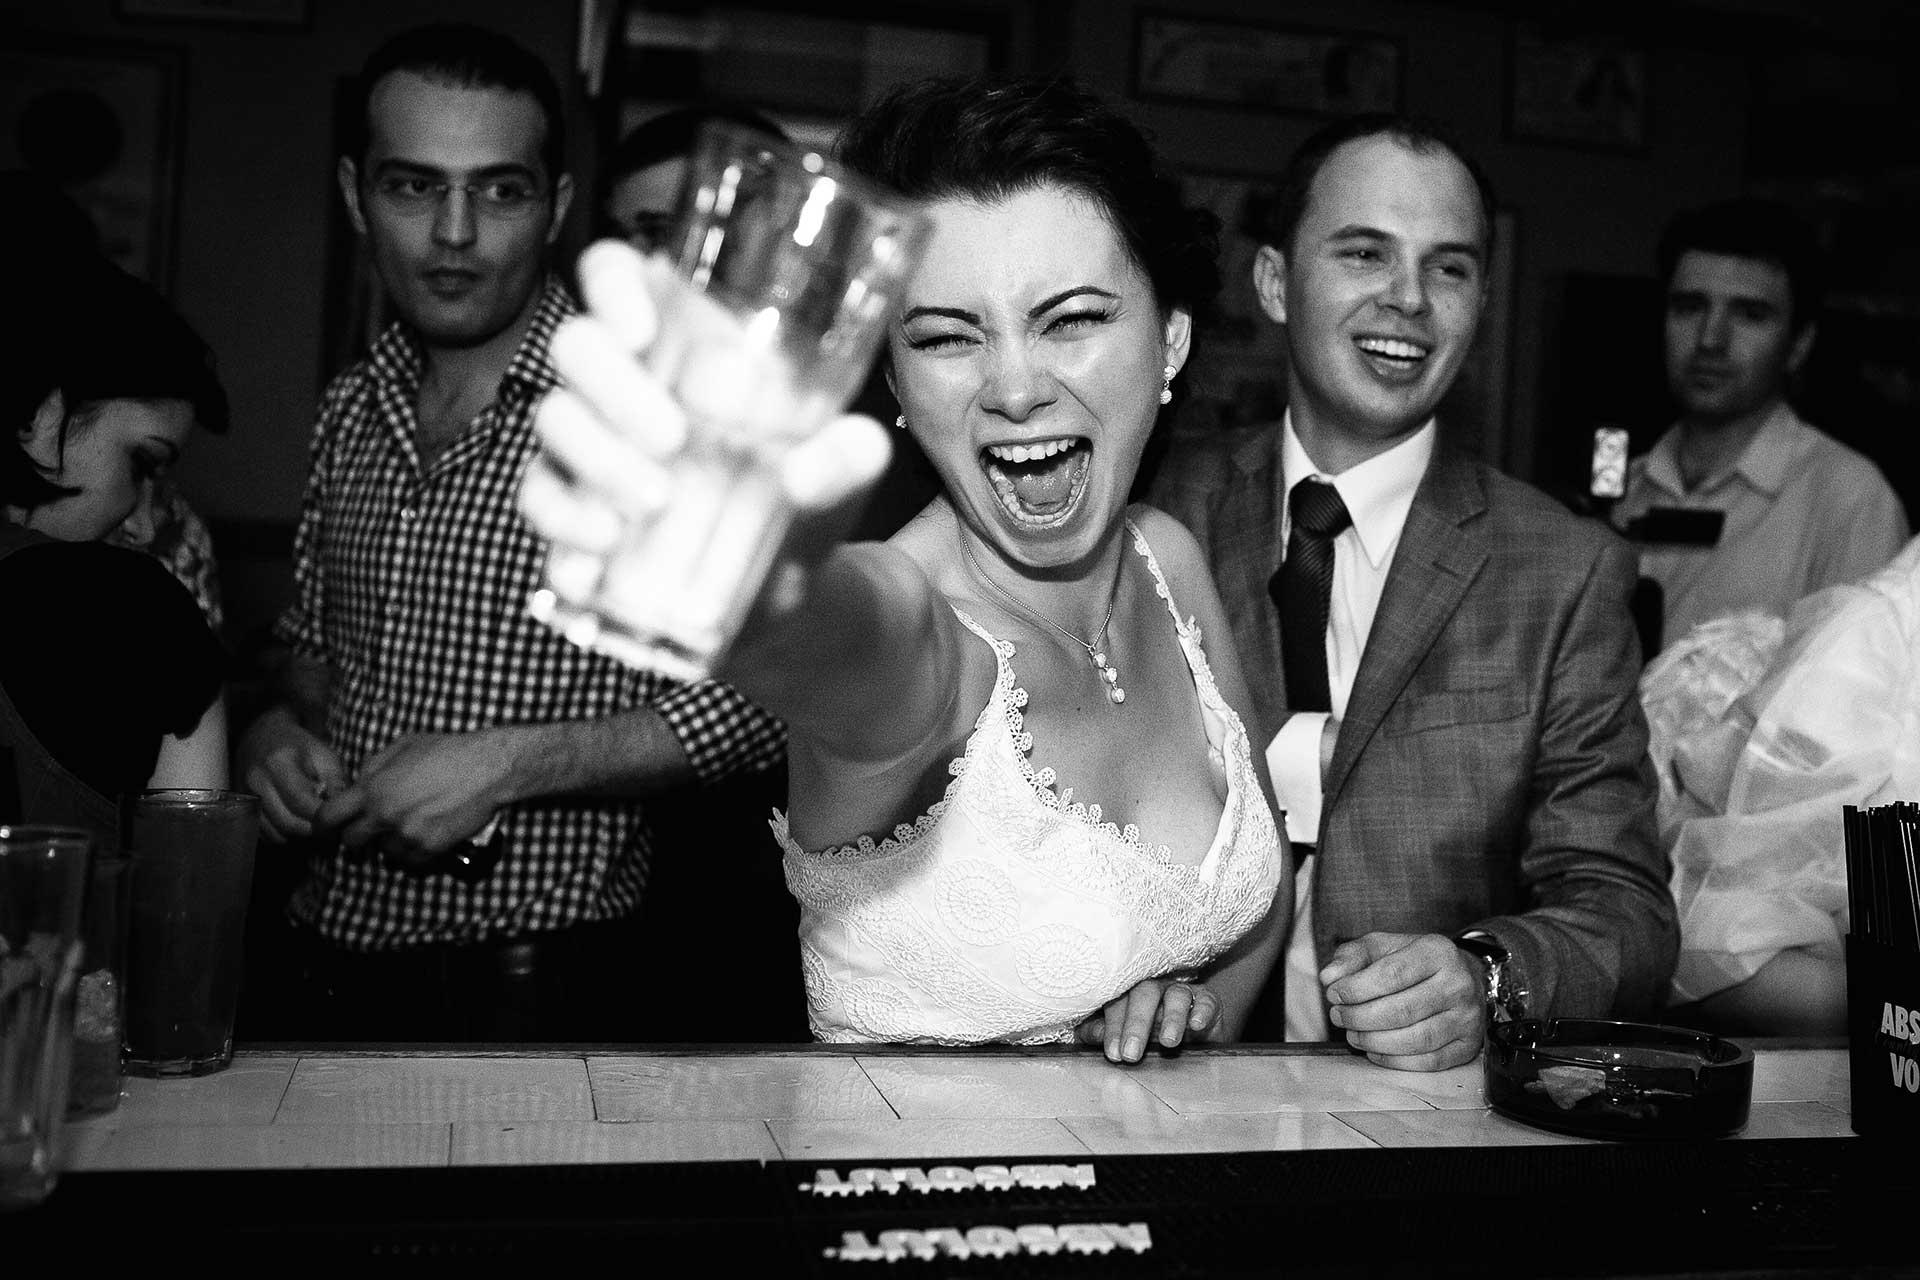 Mireasa la petrecere fotografii artistice de nunți Bucuresti